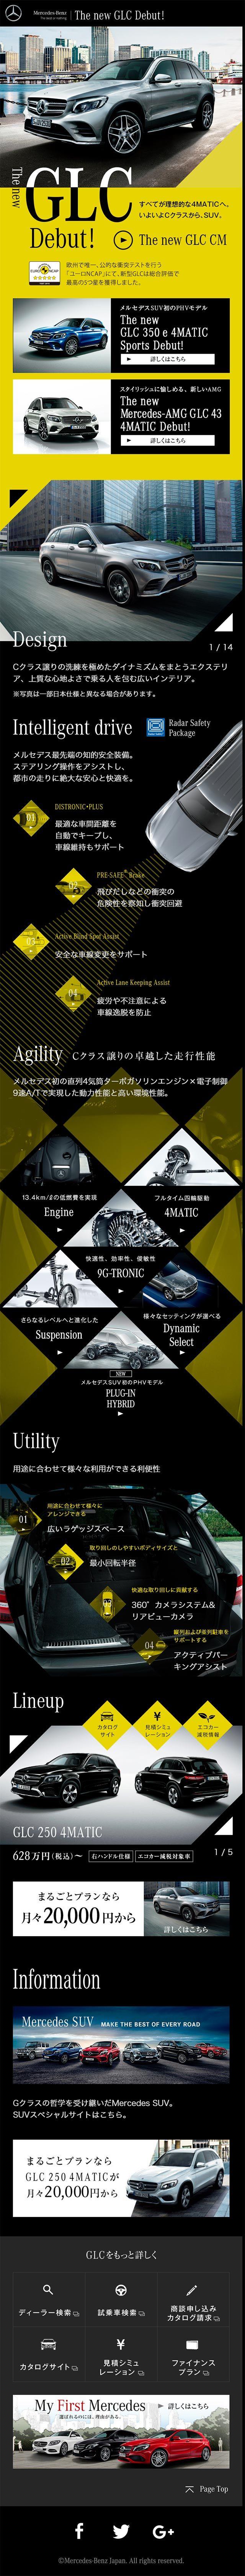 Mercedes 350 GLC 誕生。GLC|メルセデス・ベンツ日本【車・バイク関連】のLPデザイン。WEBデザイナーさん必見!スマホランディングページのデザイン参考に(かっこいい系)